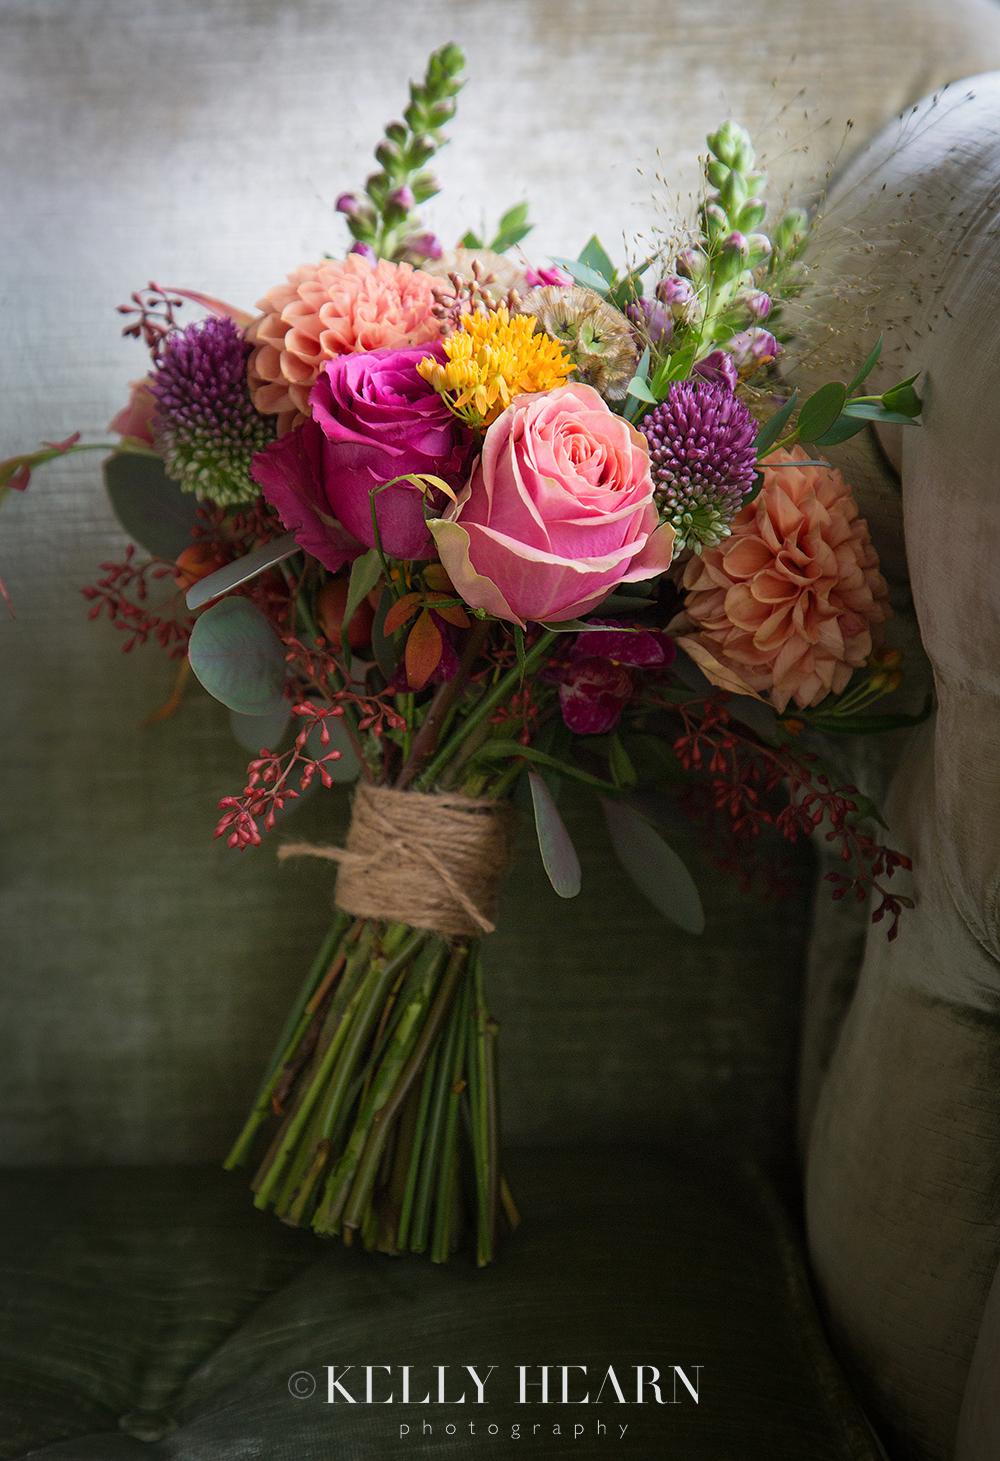 PREE_bouquet.jpg#asset:1886